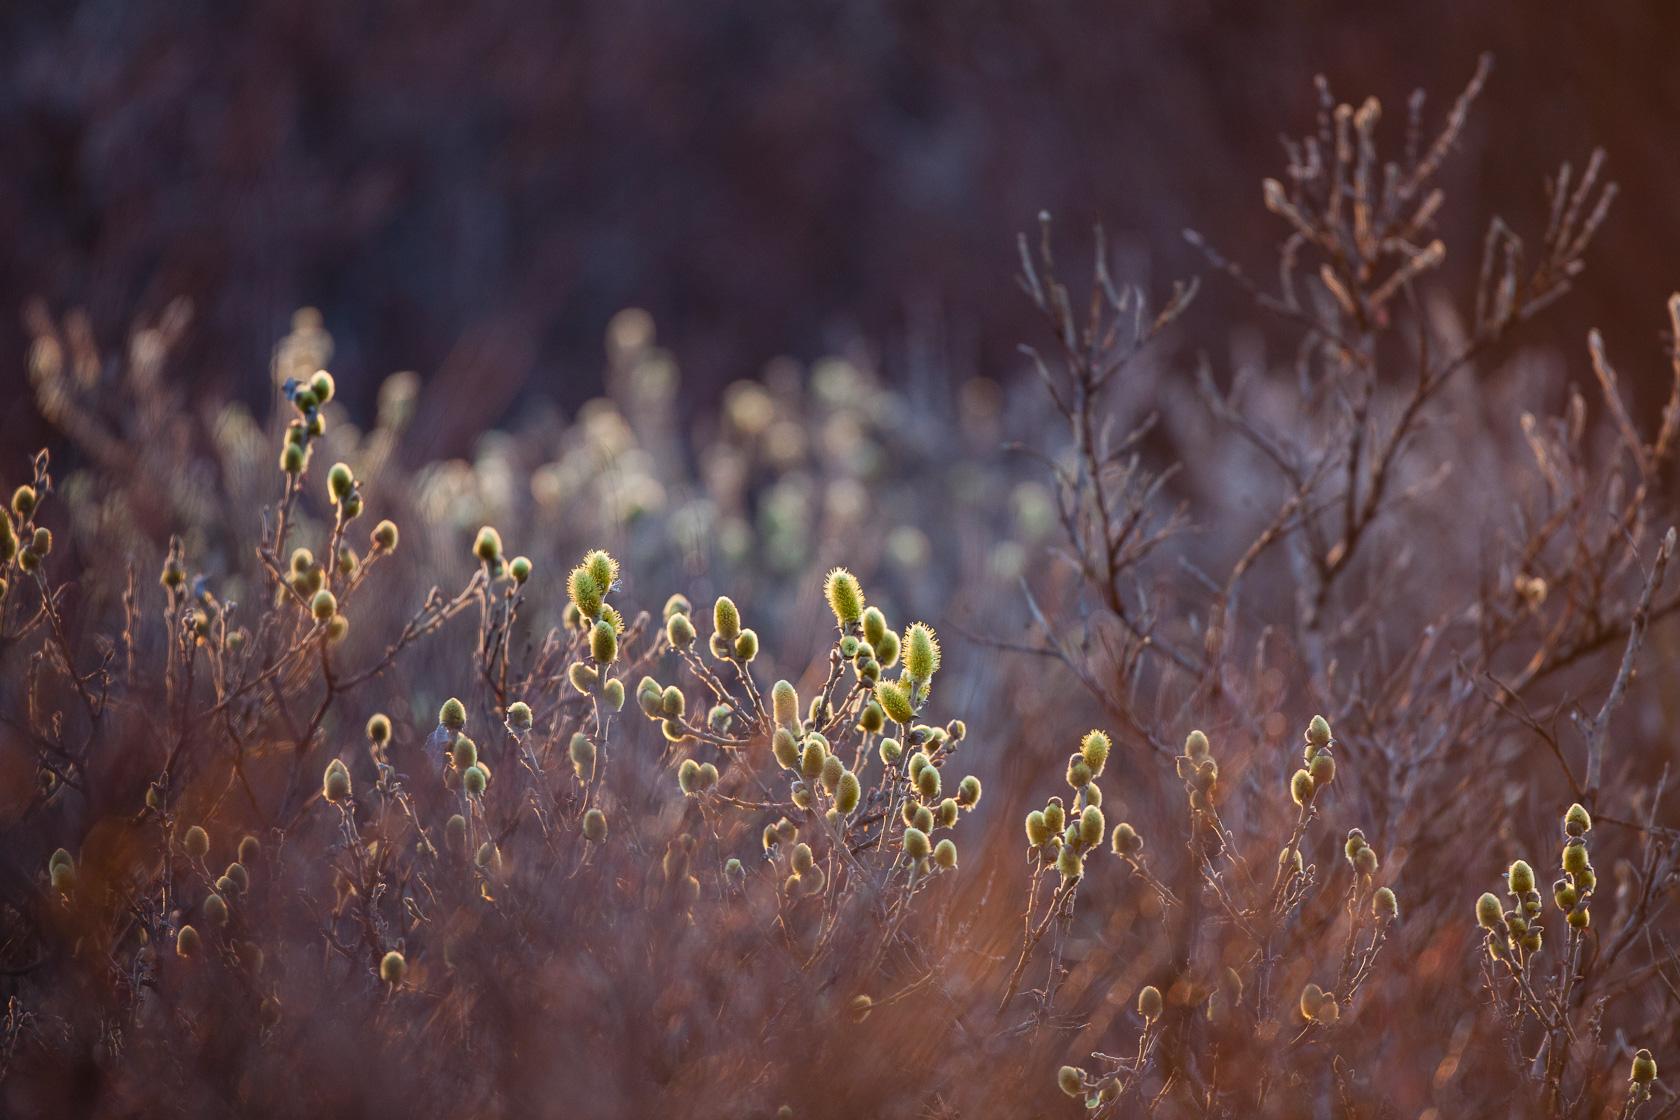 saules en fleurs dans le parc national de Varanger en norvège